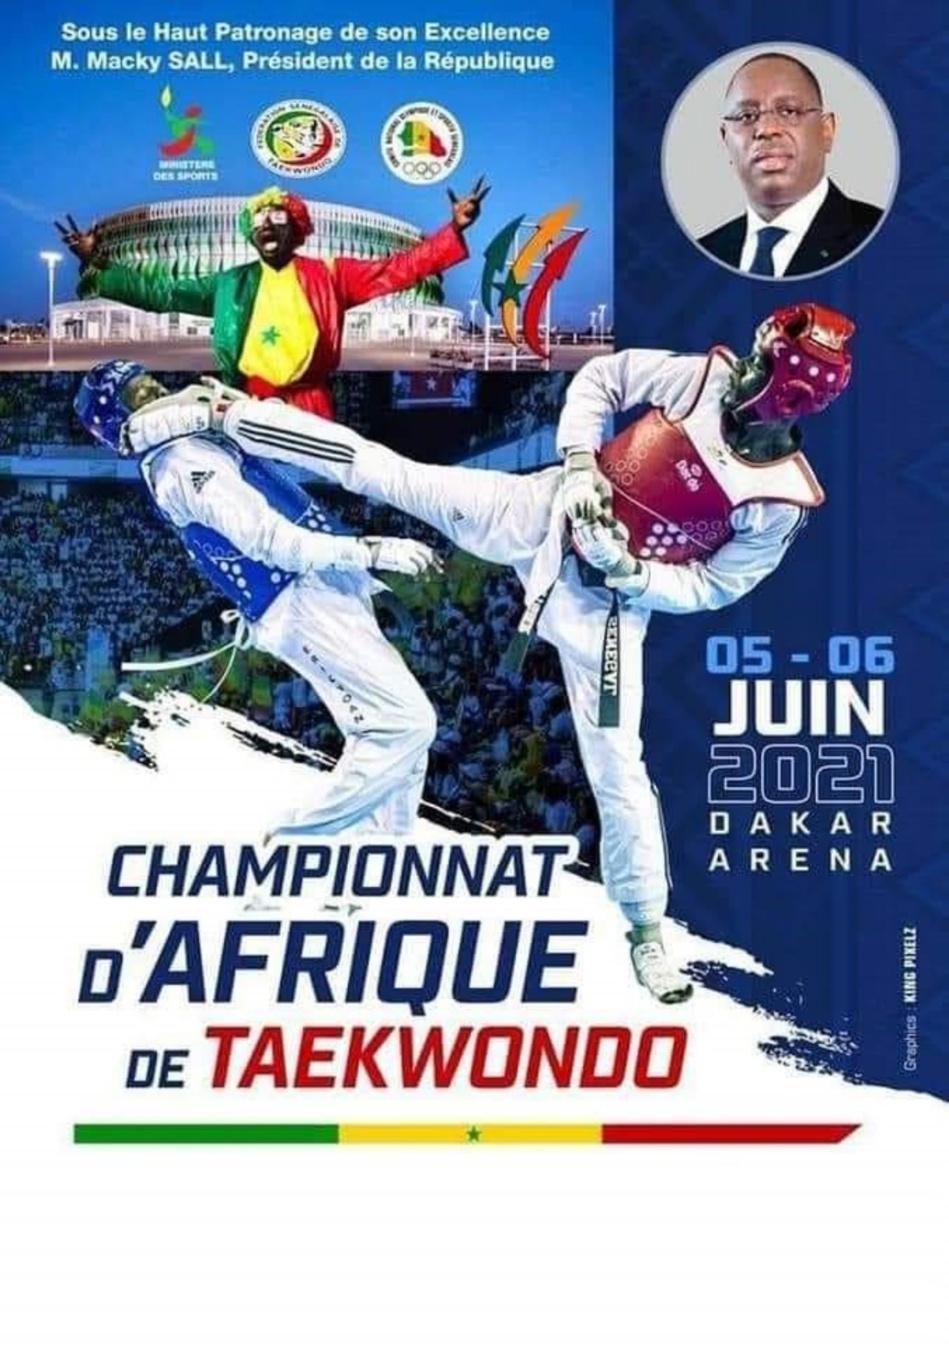 تعيين إدريس الهلالي مندوبا تقنيا على البطولة الإفريقية للتايكوندو :